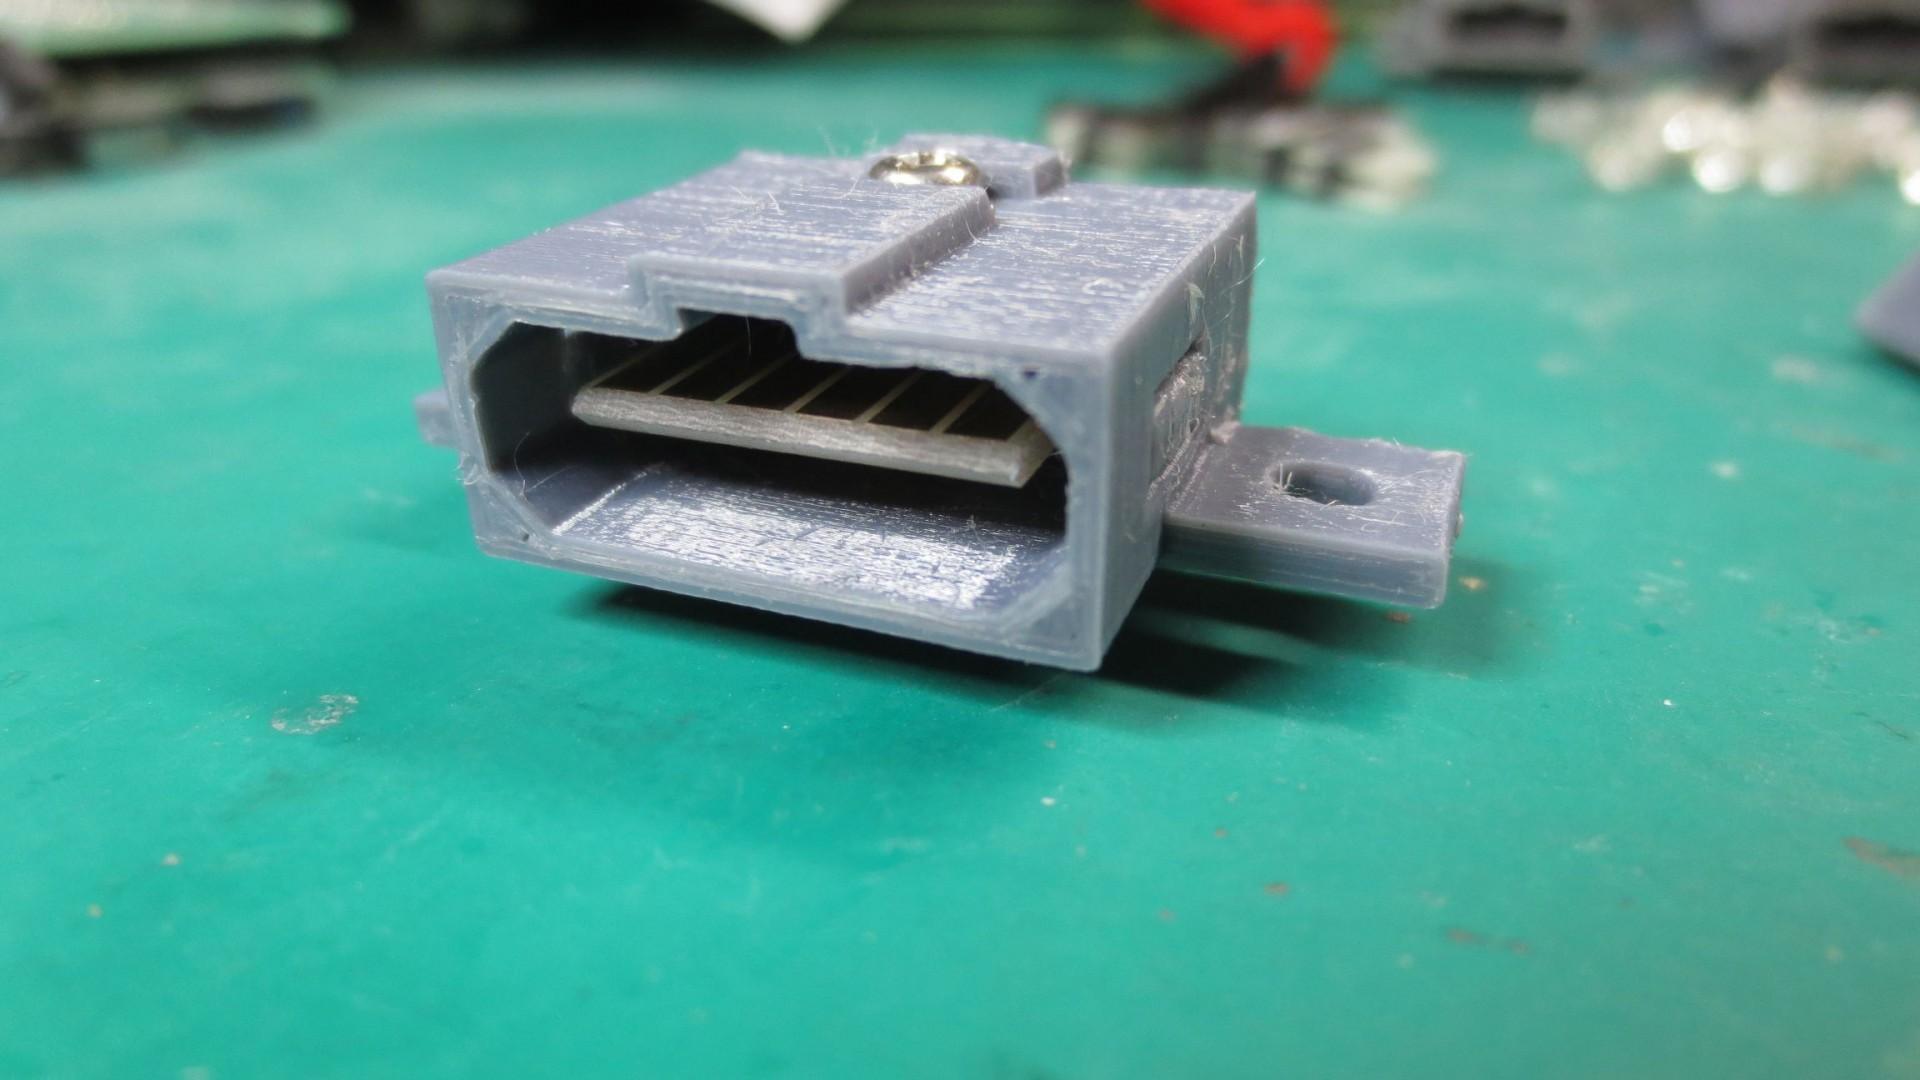 SNES AV Connector PCB & 3D Socket Released